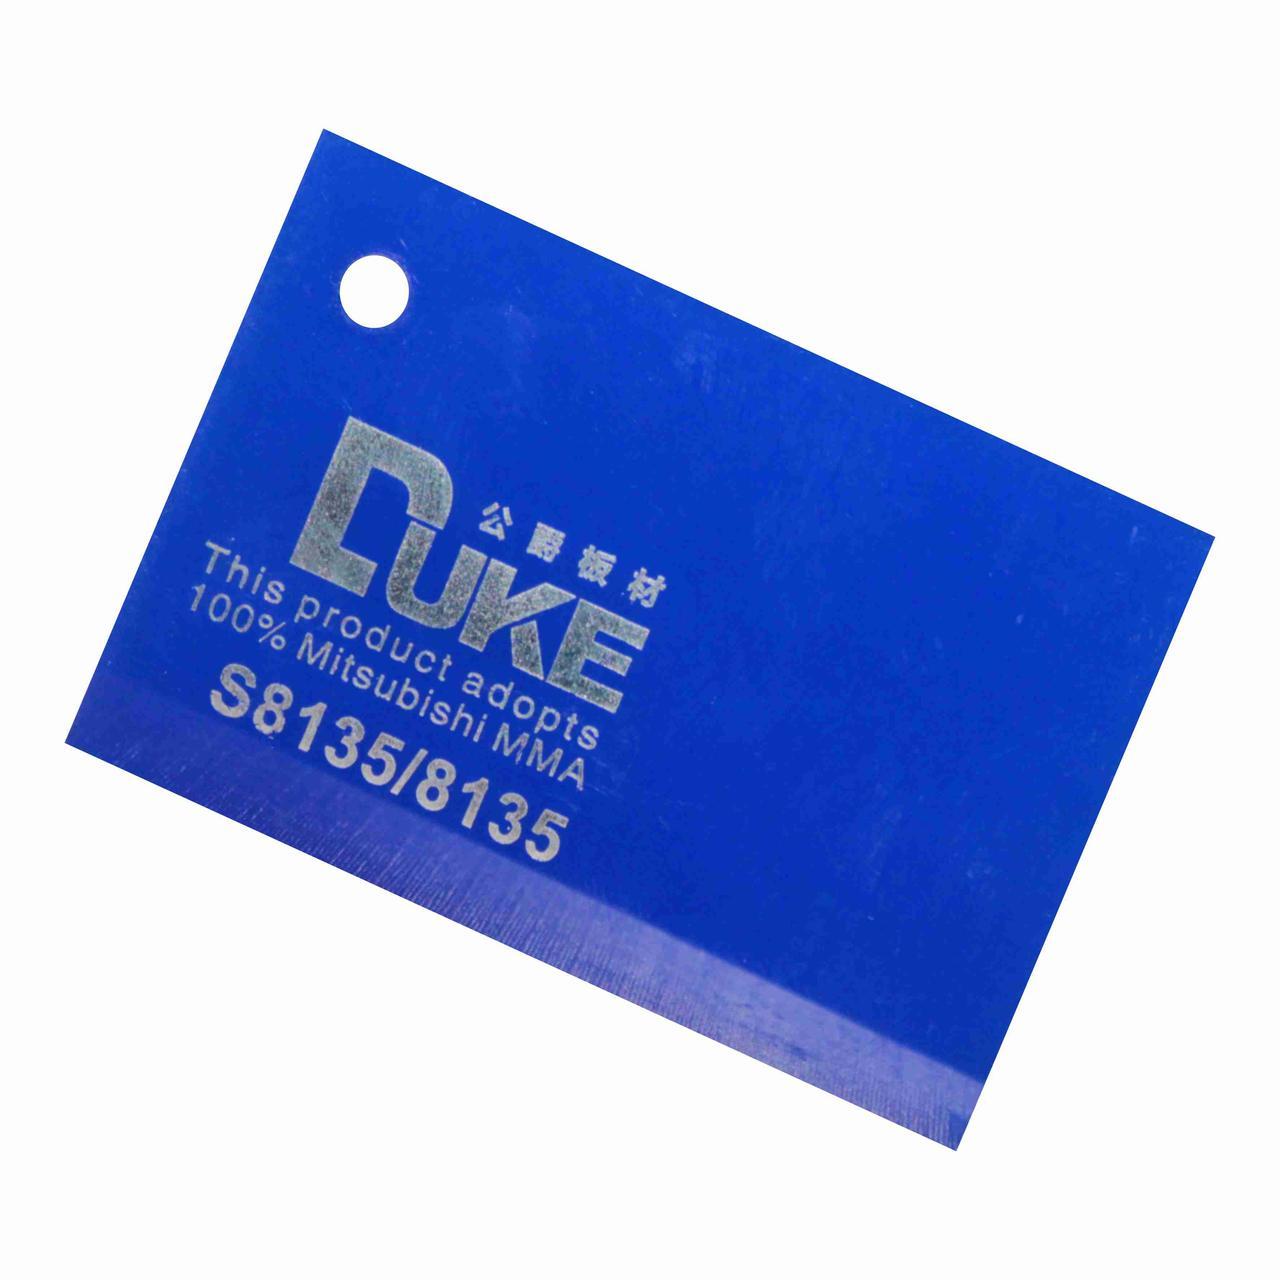 Акрил синий яркий №8135 (3мм) 1,22мХ2,44м